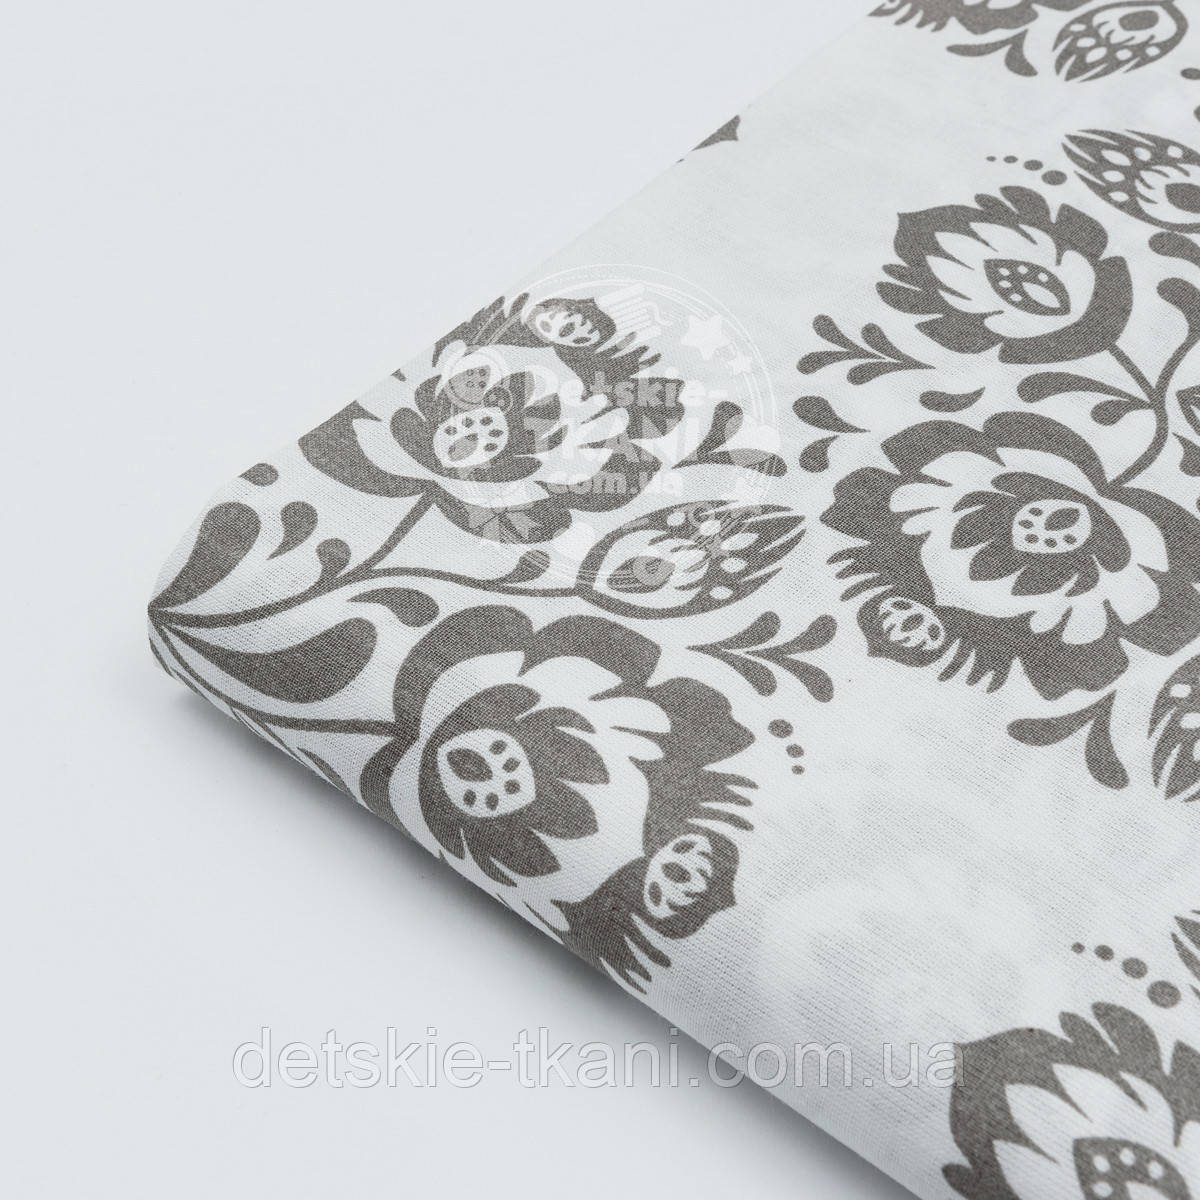 Лоскут ткани №262 бязь с серыми цветами на белом фоне